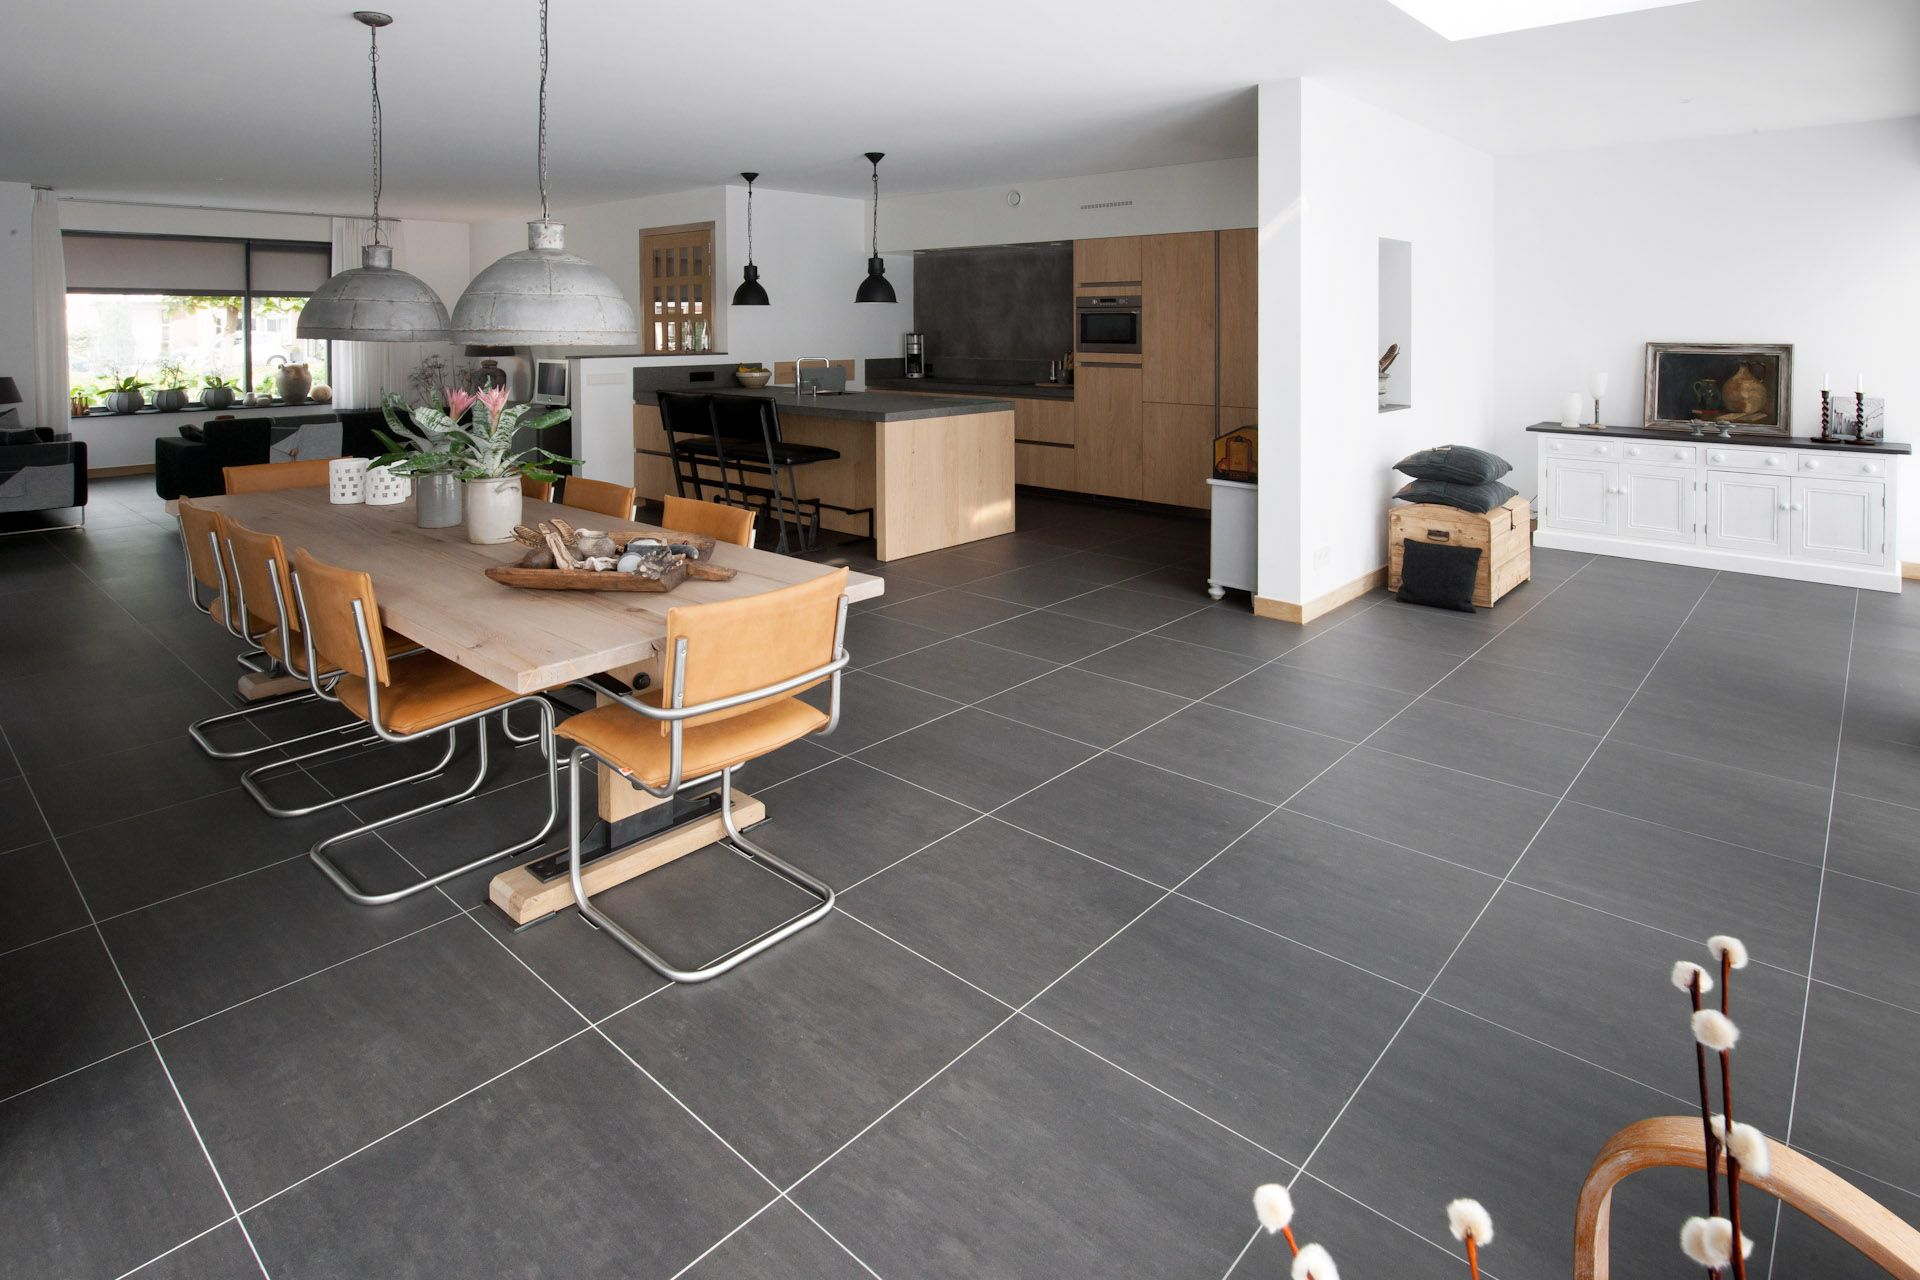 Vloertegels kopen - KROON Vloeren in Steen | vloer | Pinterest ...